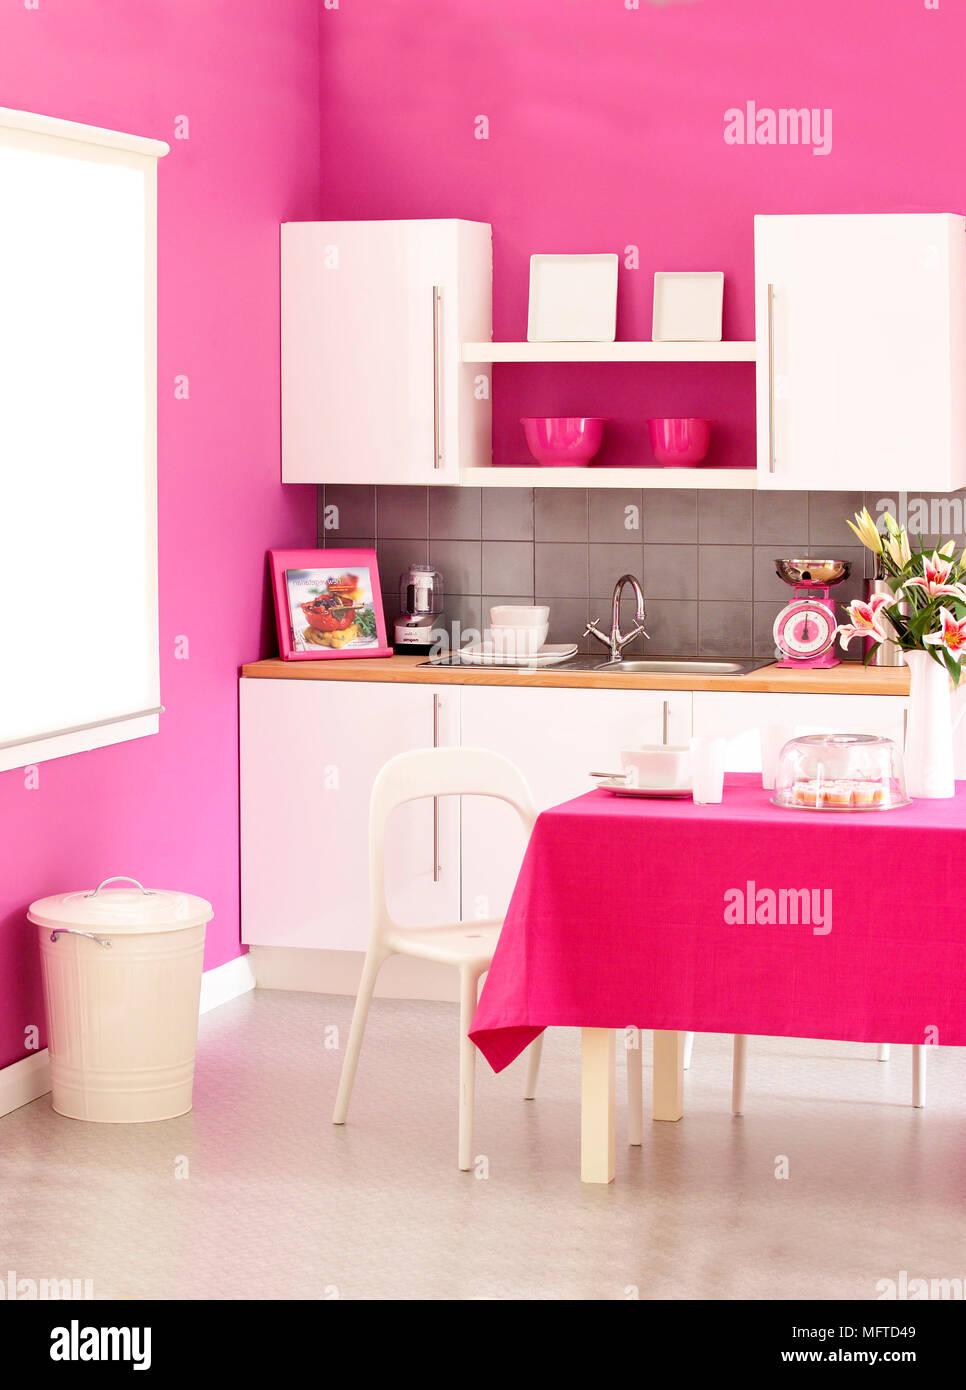 Fruhstuck Tisch In Der Mitte Des Modernen Rosa Kuche Stockfoto Bild